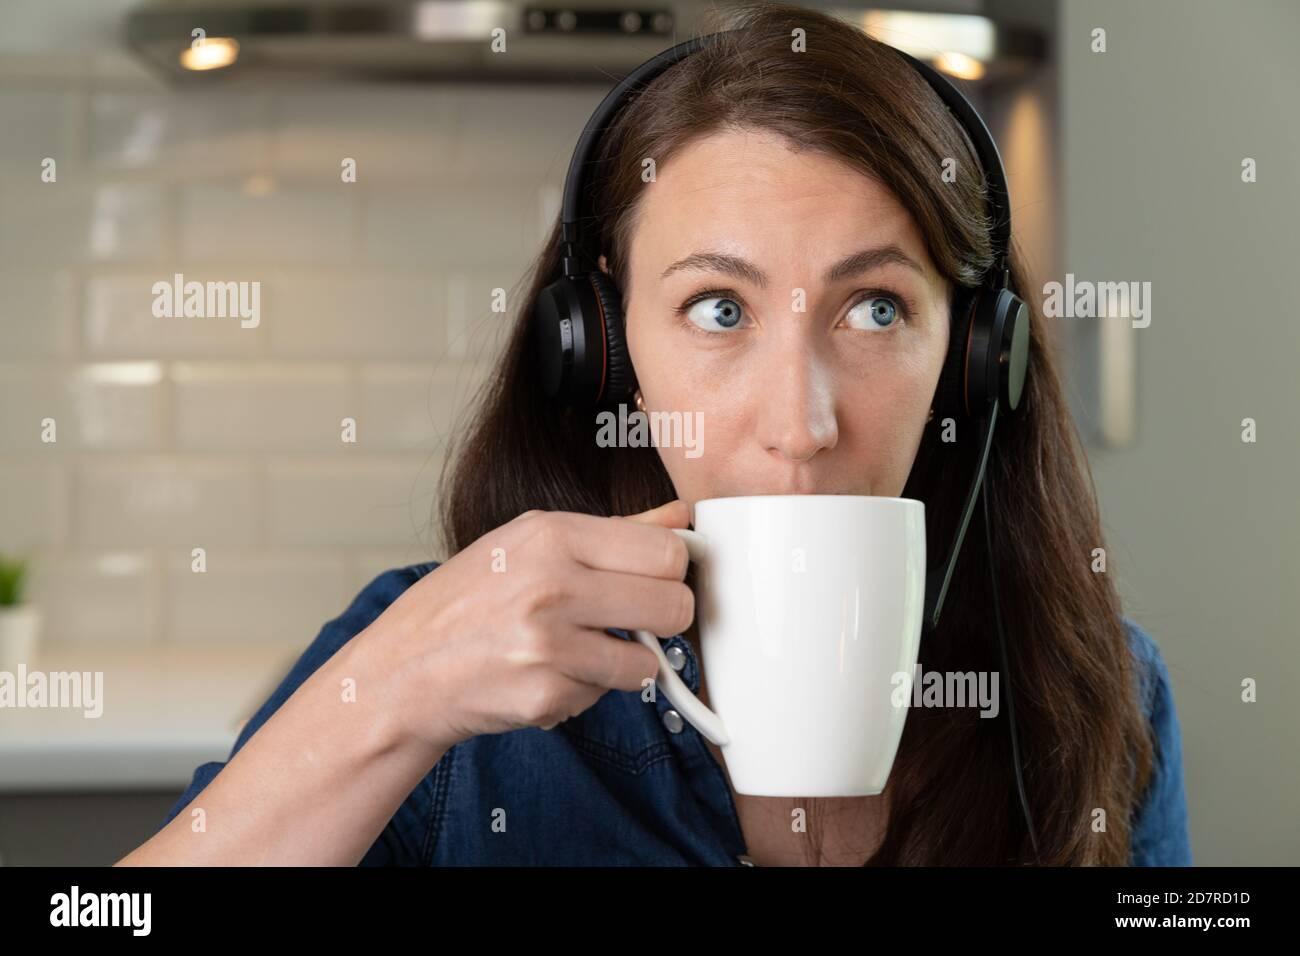 Les femmes de Bautifull sur un appel de conforence dans le bureau à domicile dans la cuisine. Travailler à domicile. Nouveau concept normal. Banque D'Images